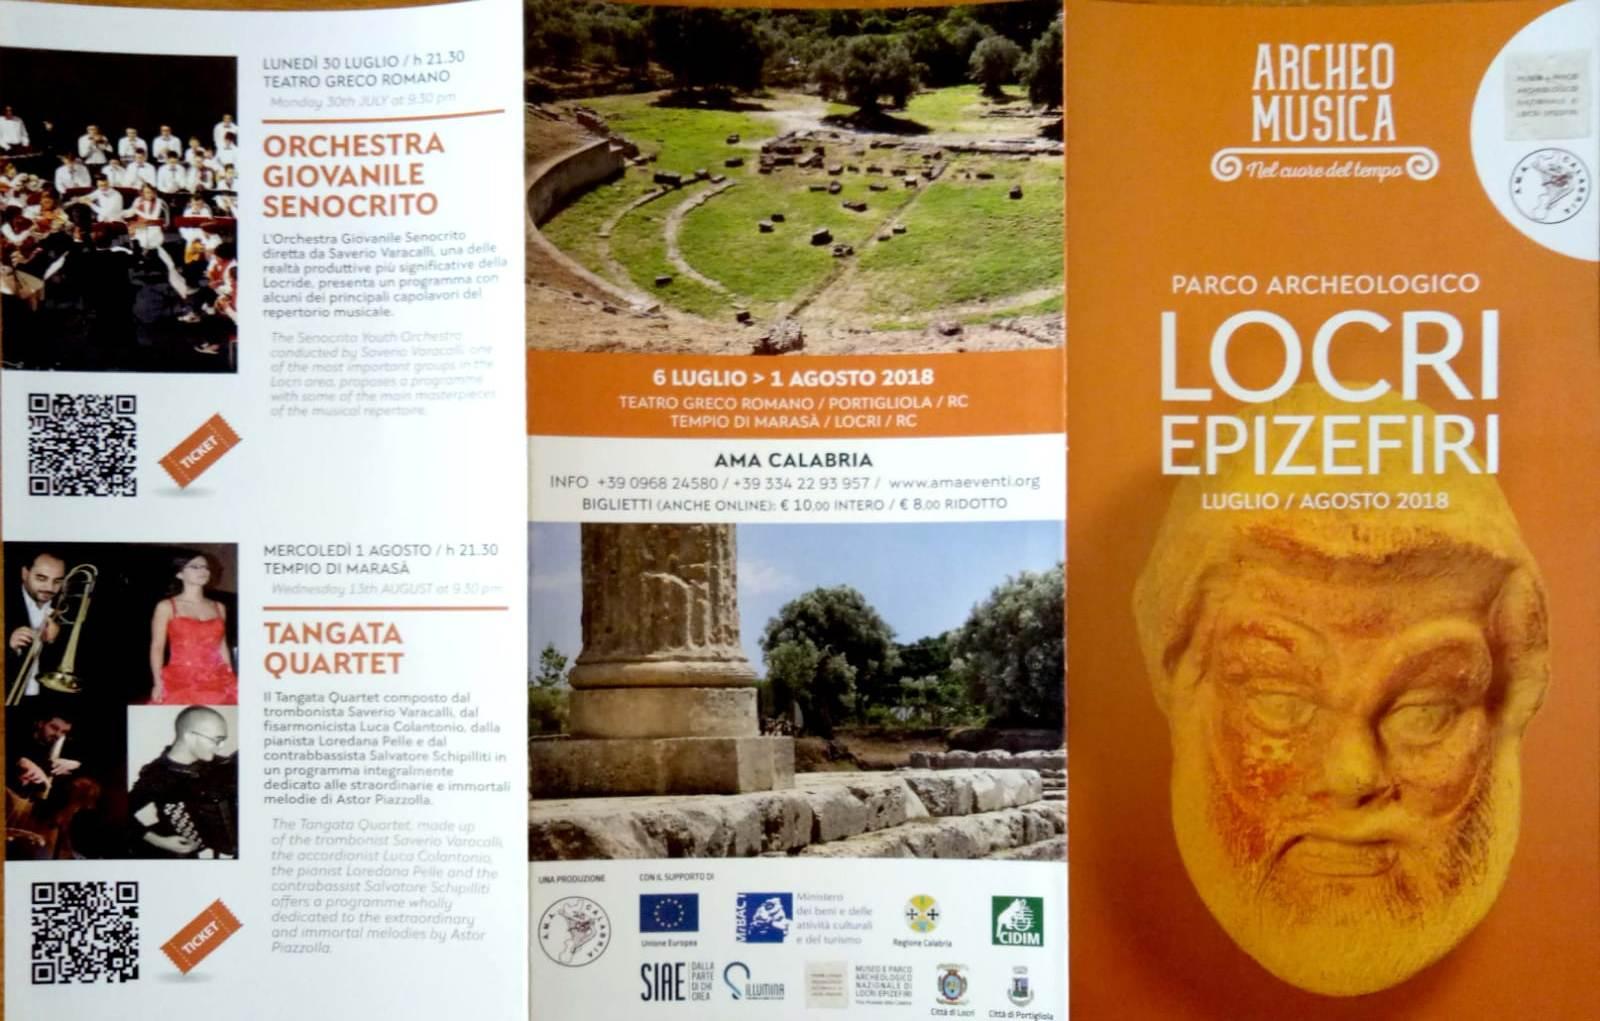 Appuntamenti musicali al Parco Archeologico Nazionale di Locri